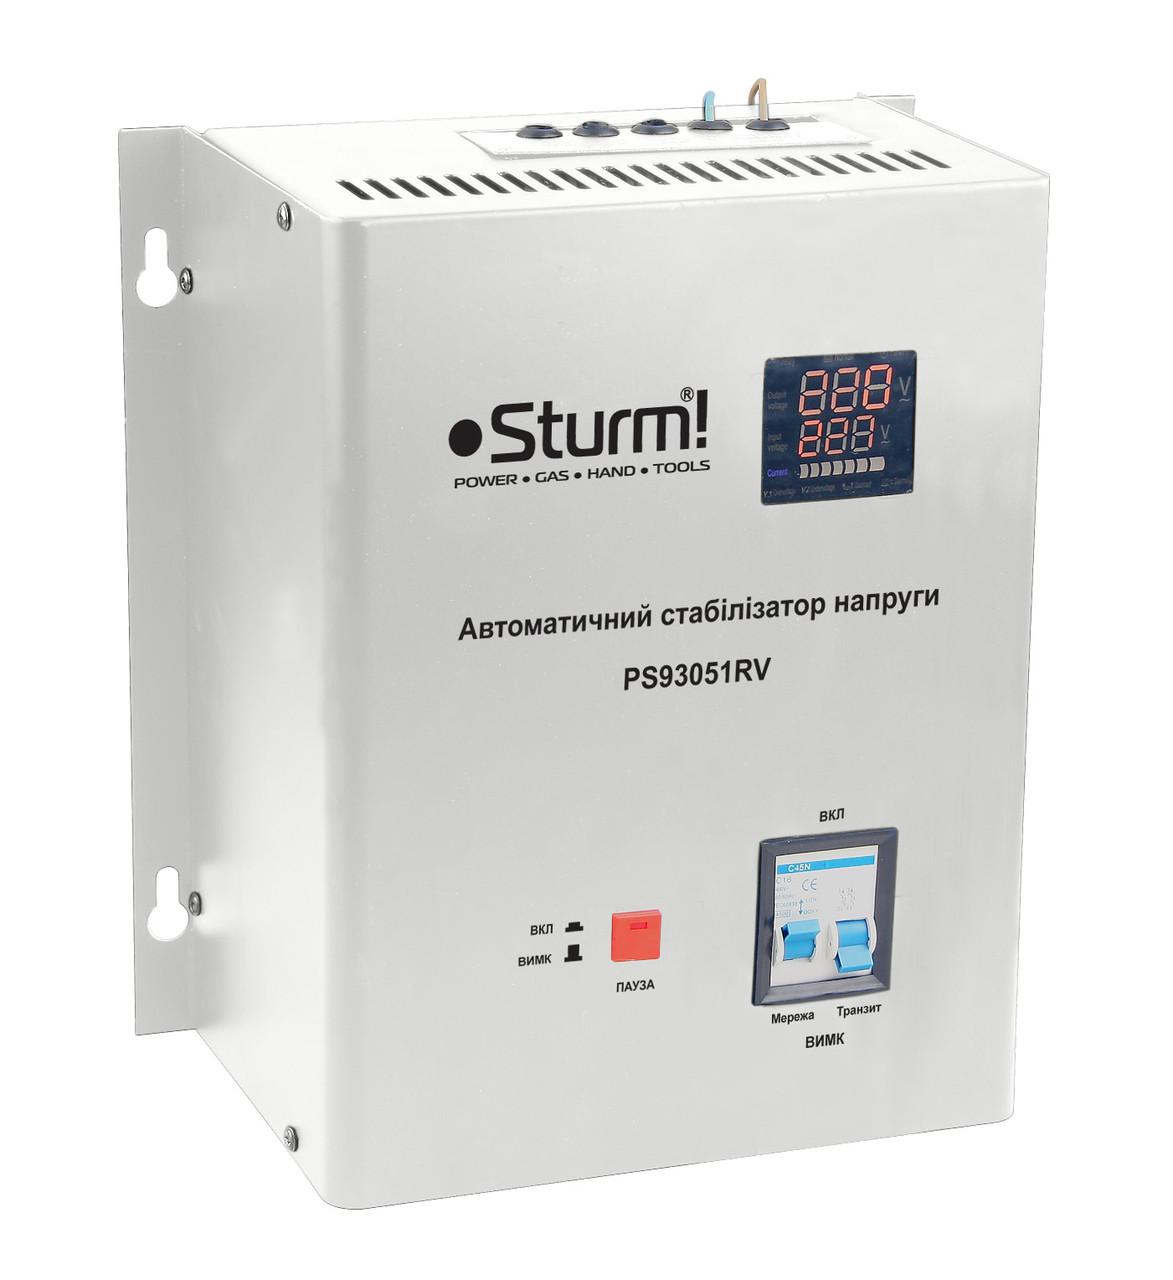 Электромагнитный стабилизатор напряжения купить цены на сварочные аппараты в уфе